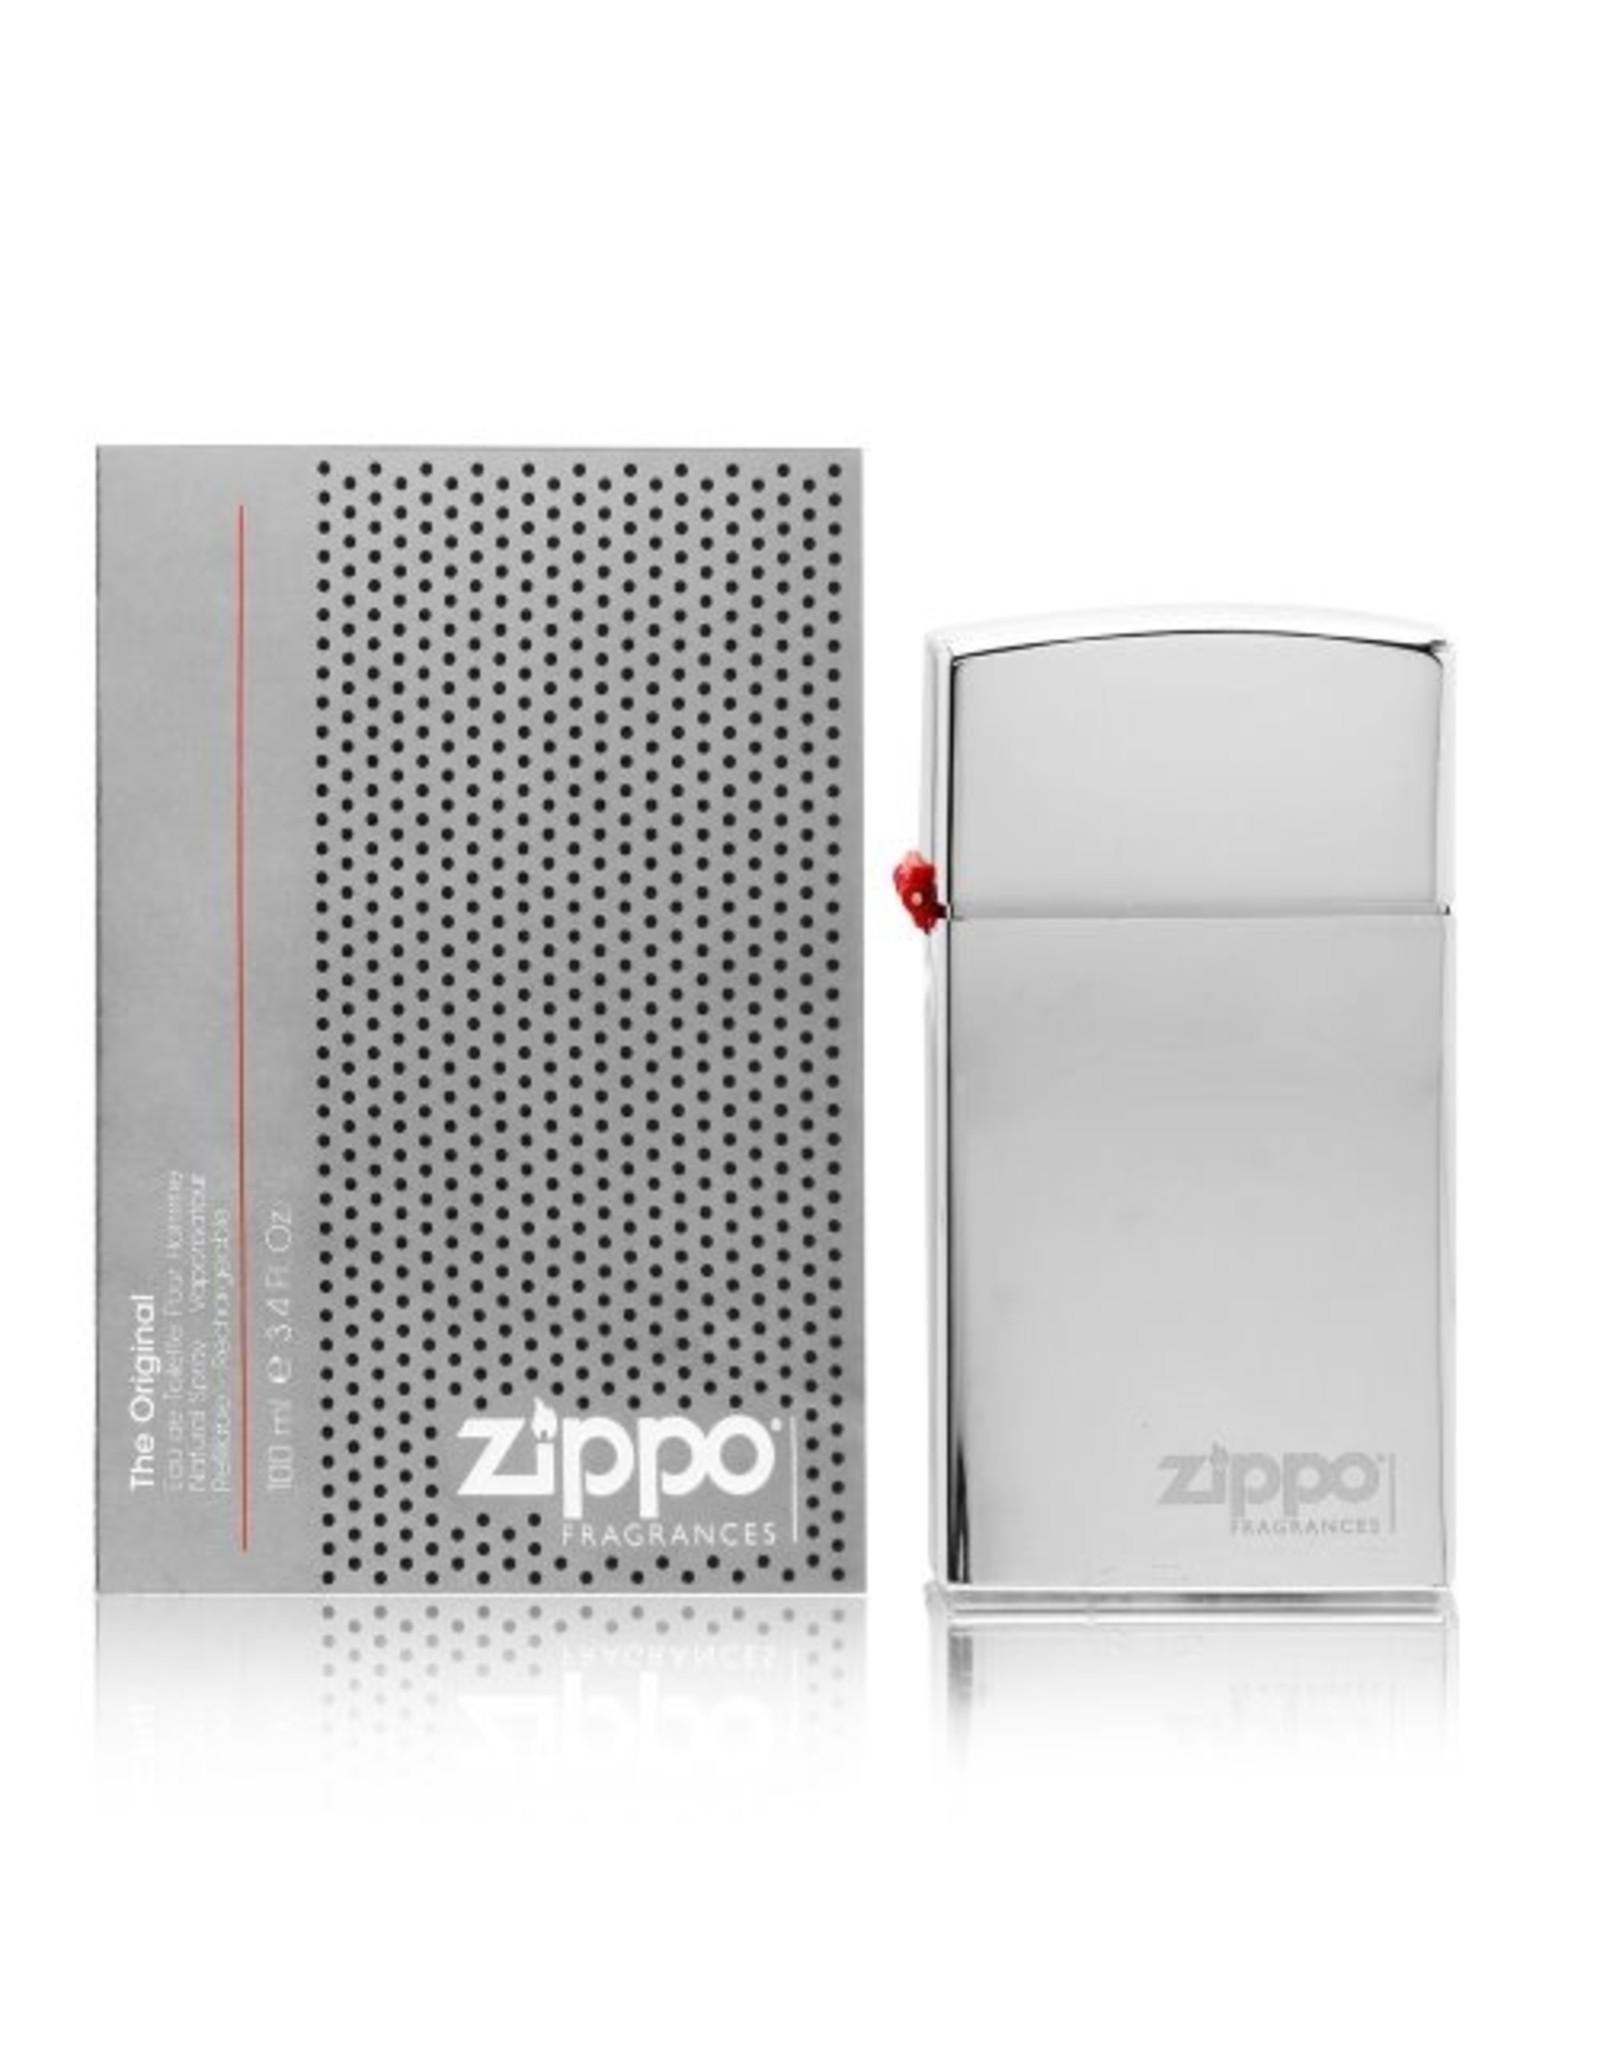 ZIPPO ZIPPO THE ORIGINAL